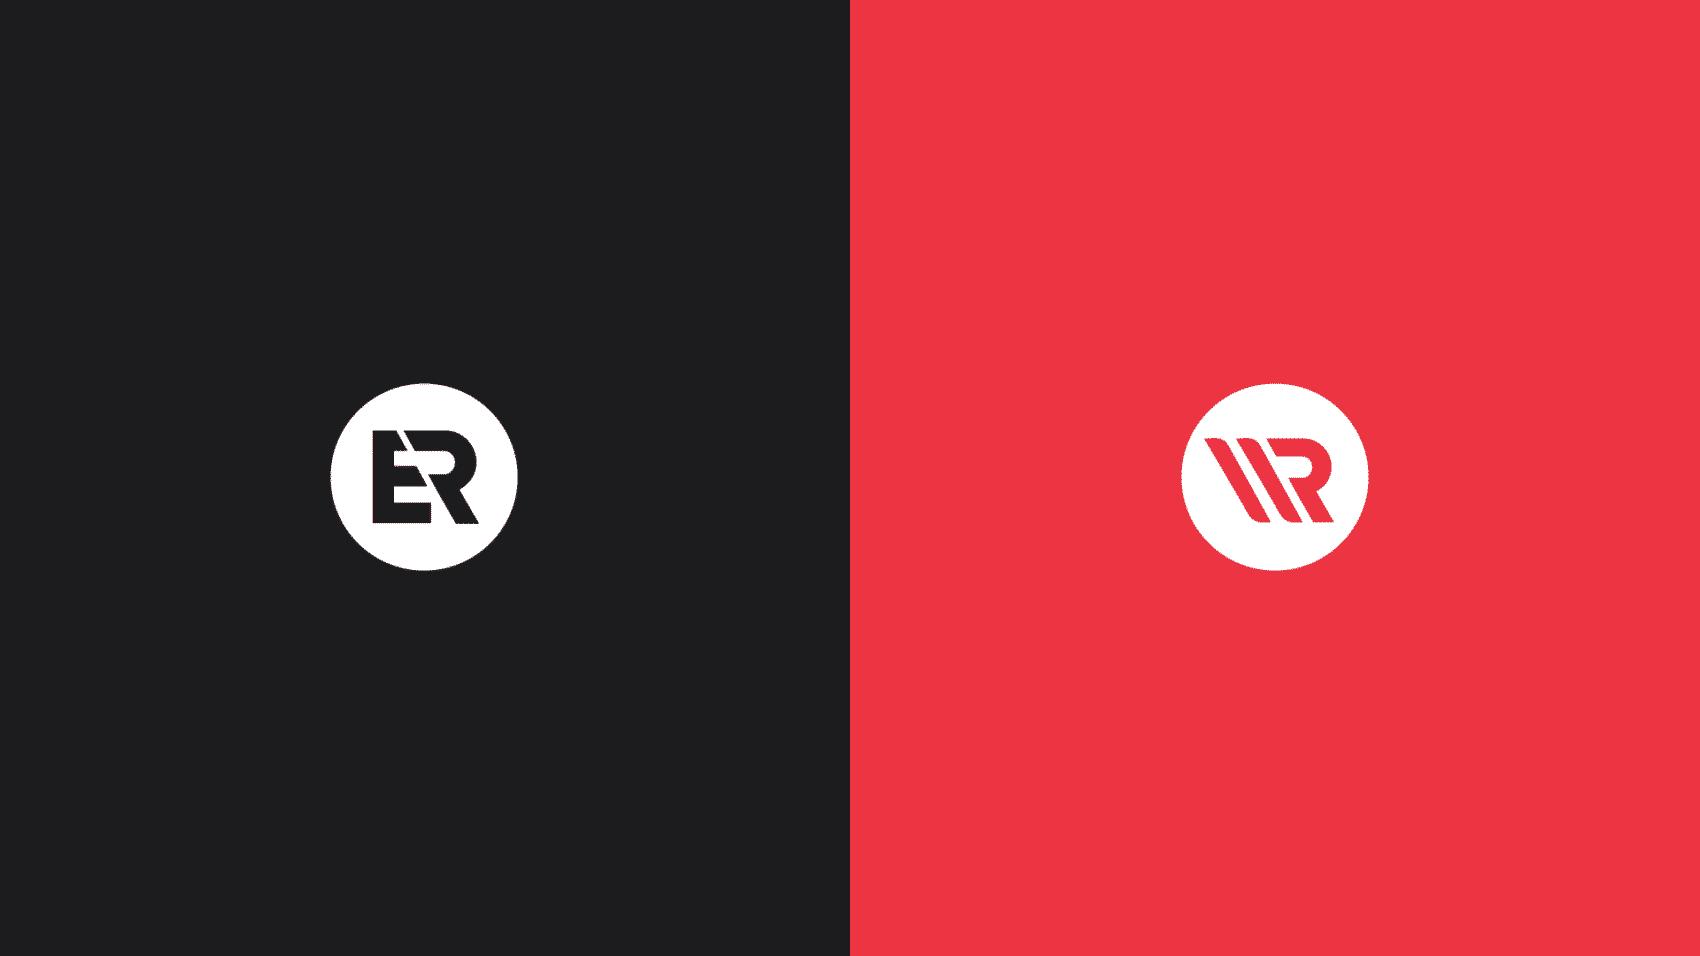 ER_logo_2